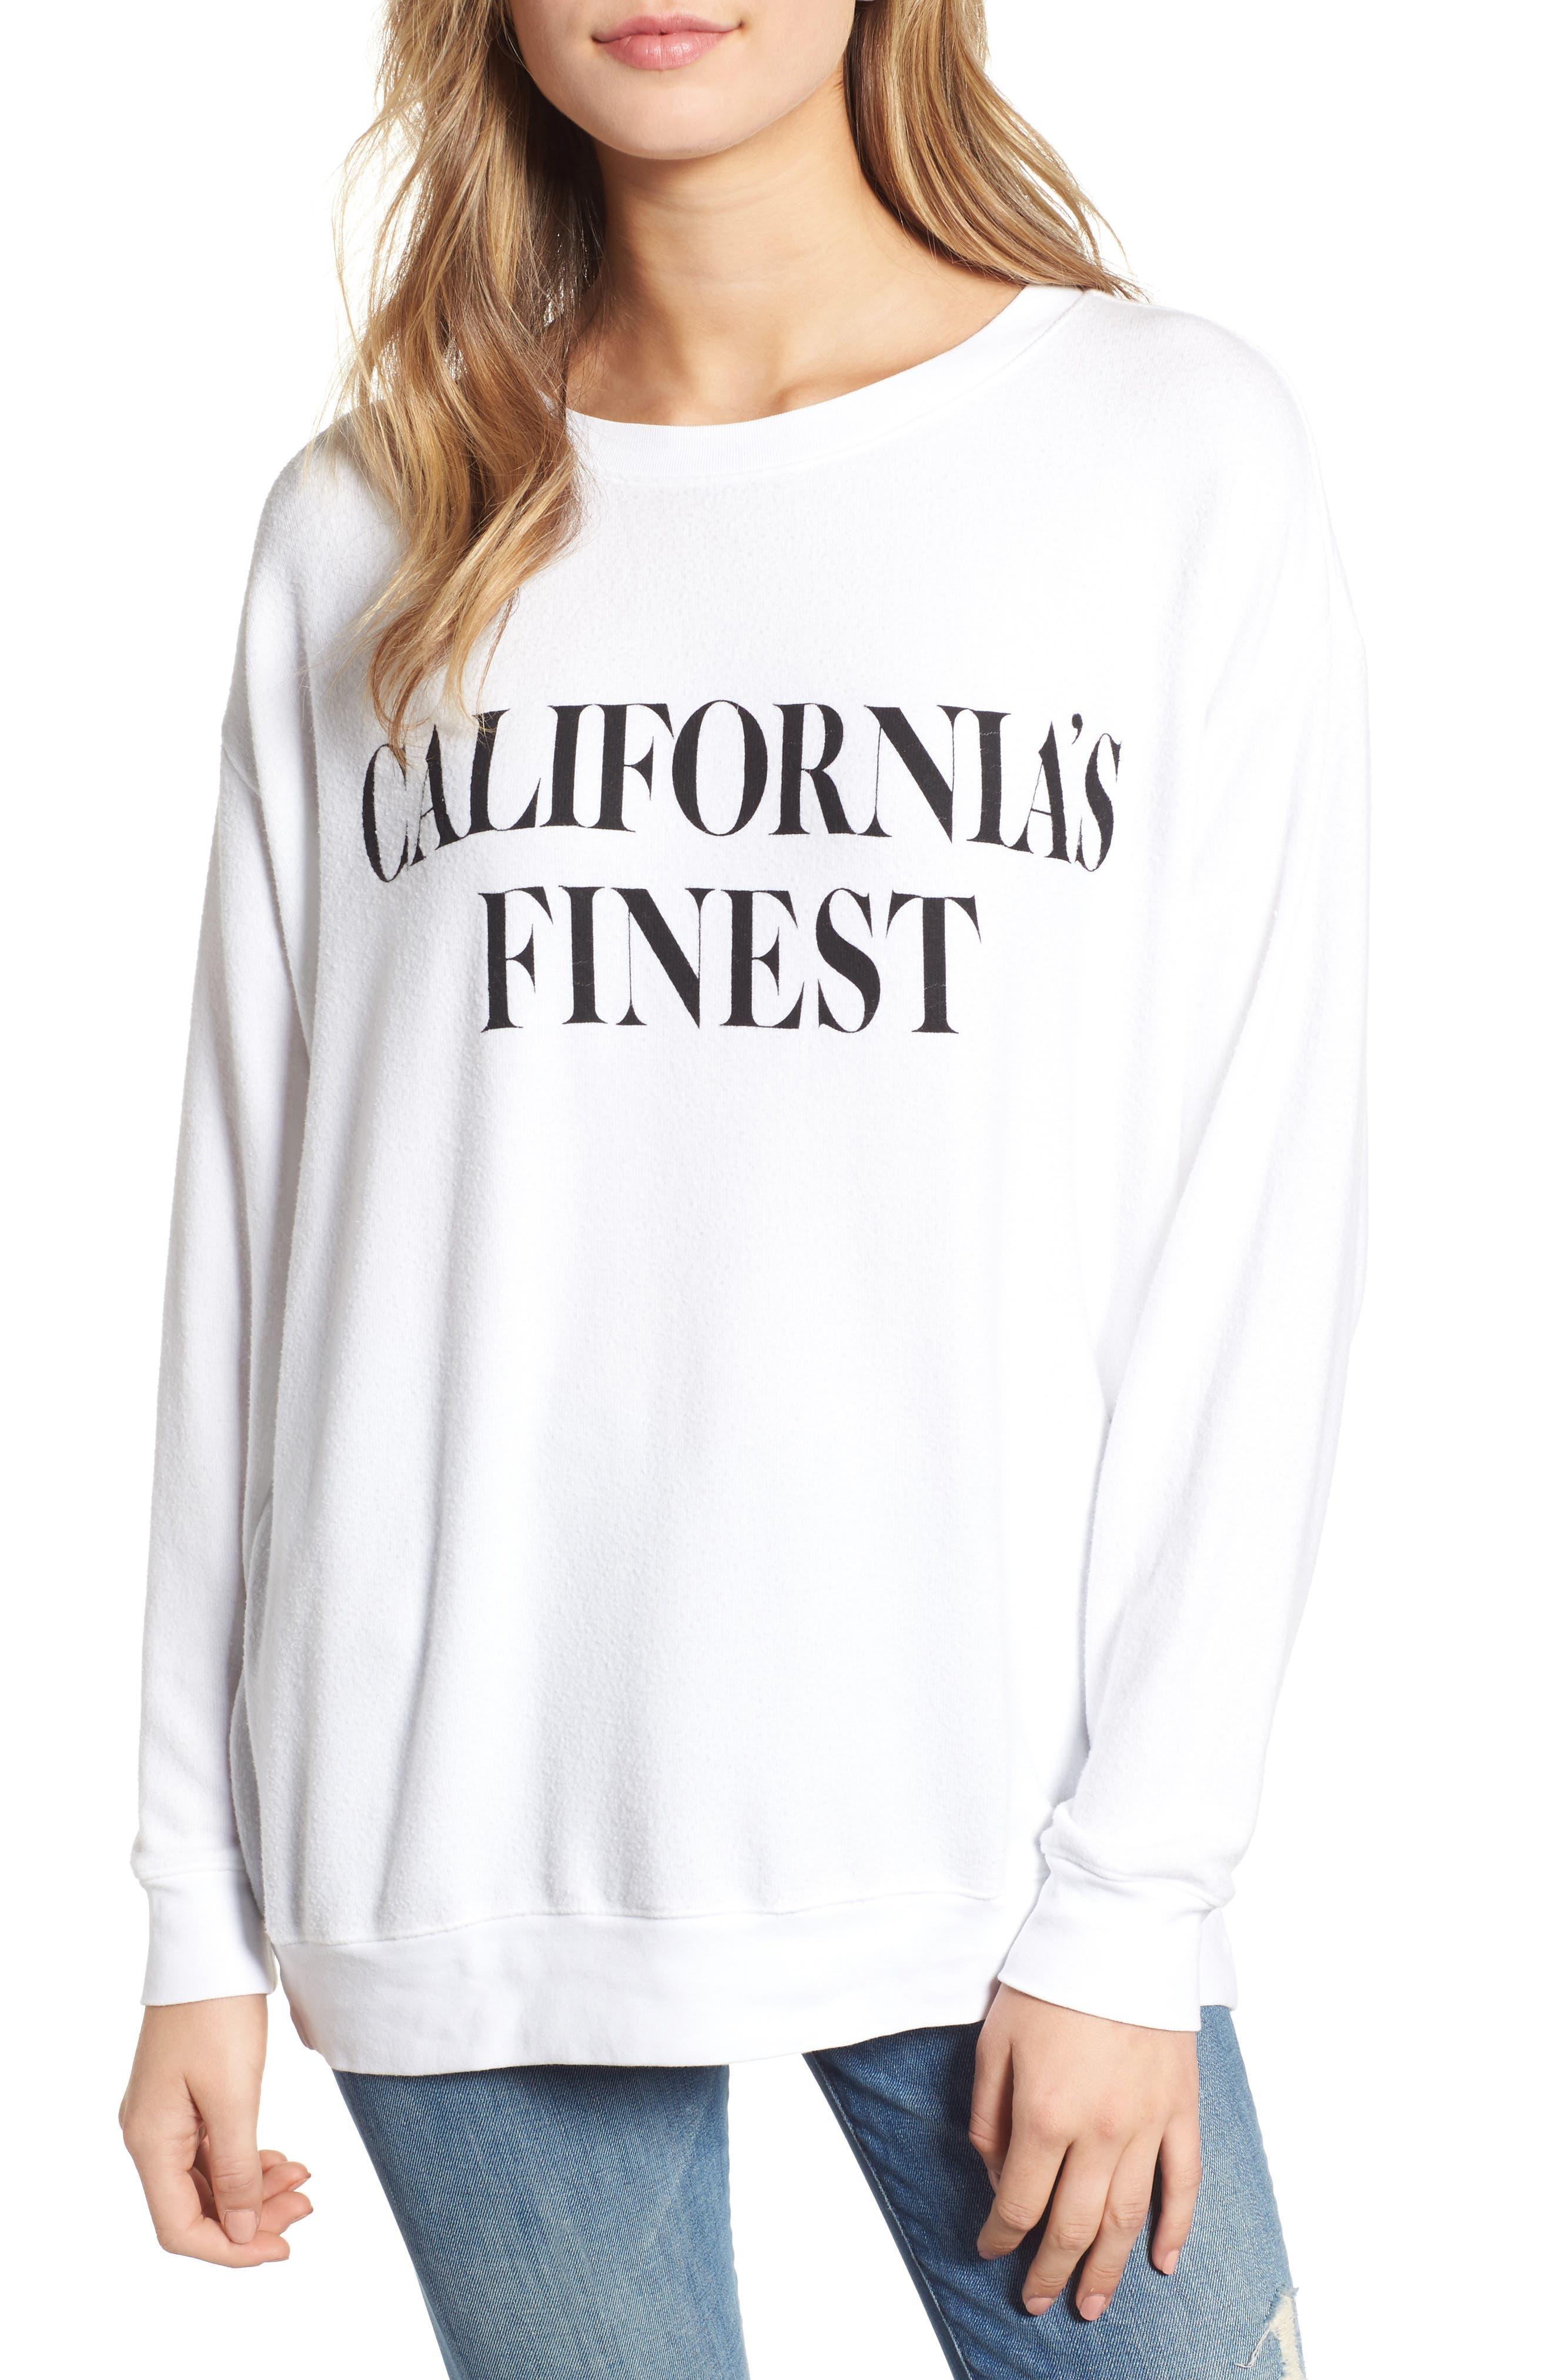 WILDFOX Roadtrip - California's Finest Pullover, Main, color, 100